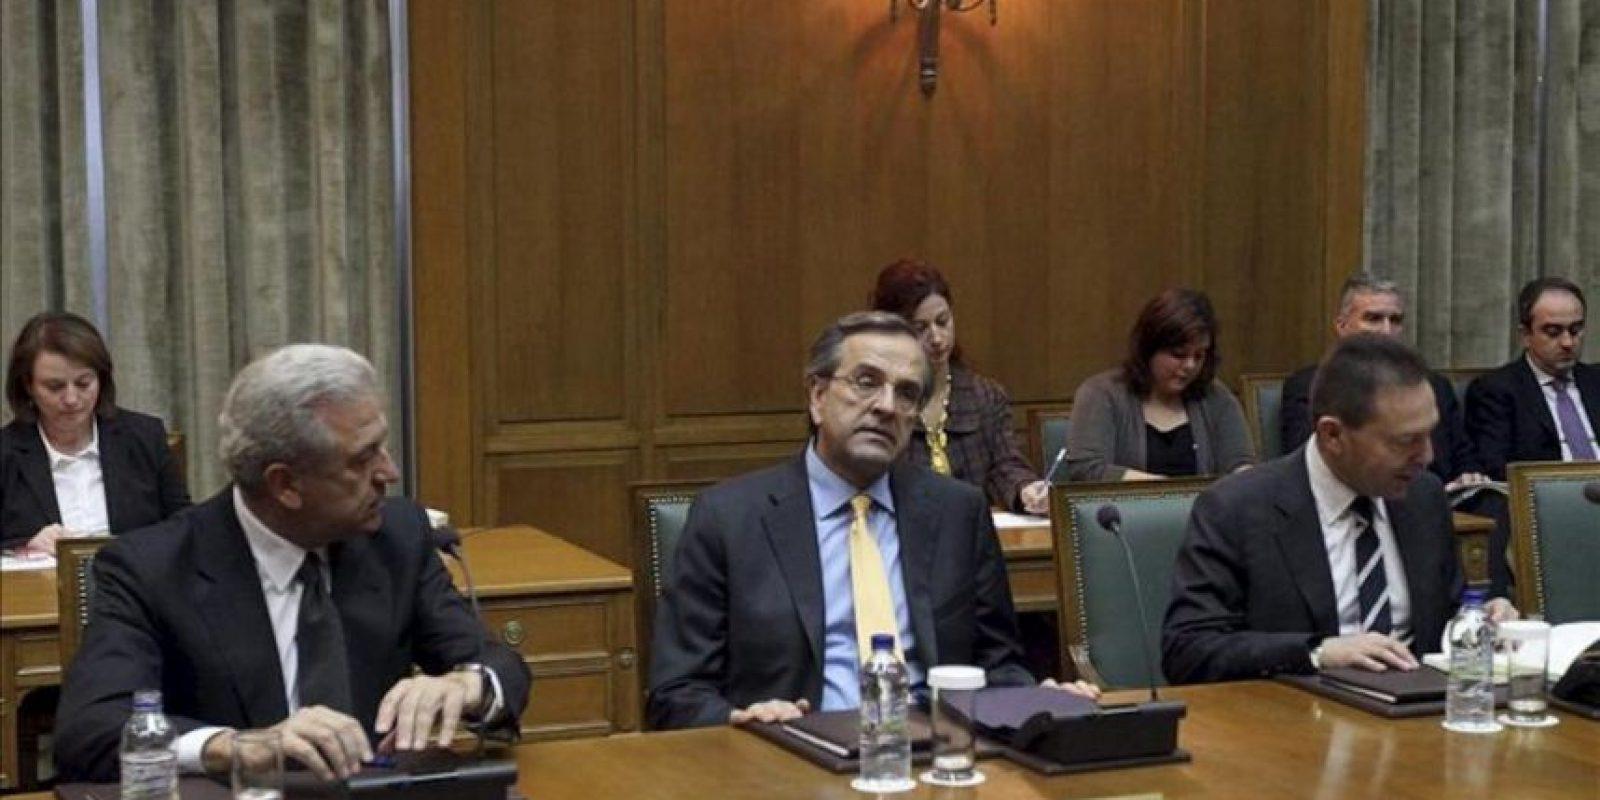 El primer ministro griego Antonis Samaras se reúne con el Consejo de Ministros en el Parlamento de Atenas. EFE